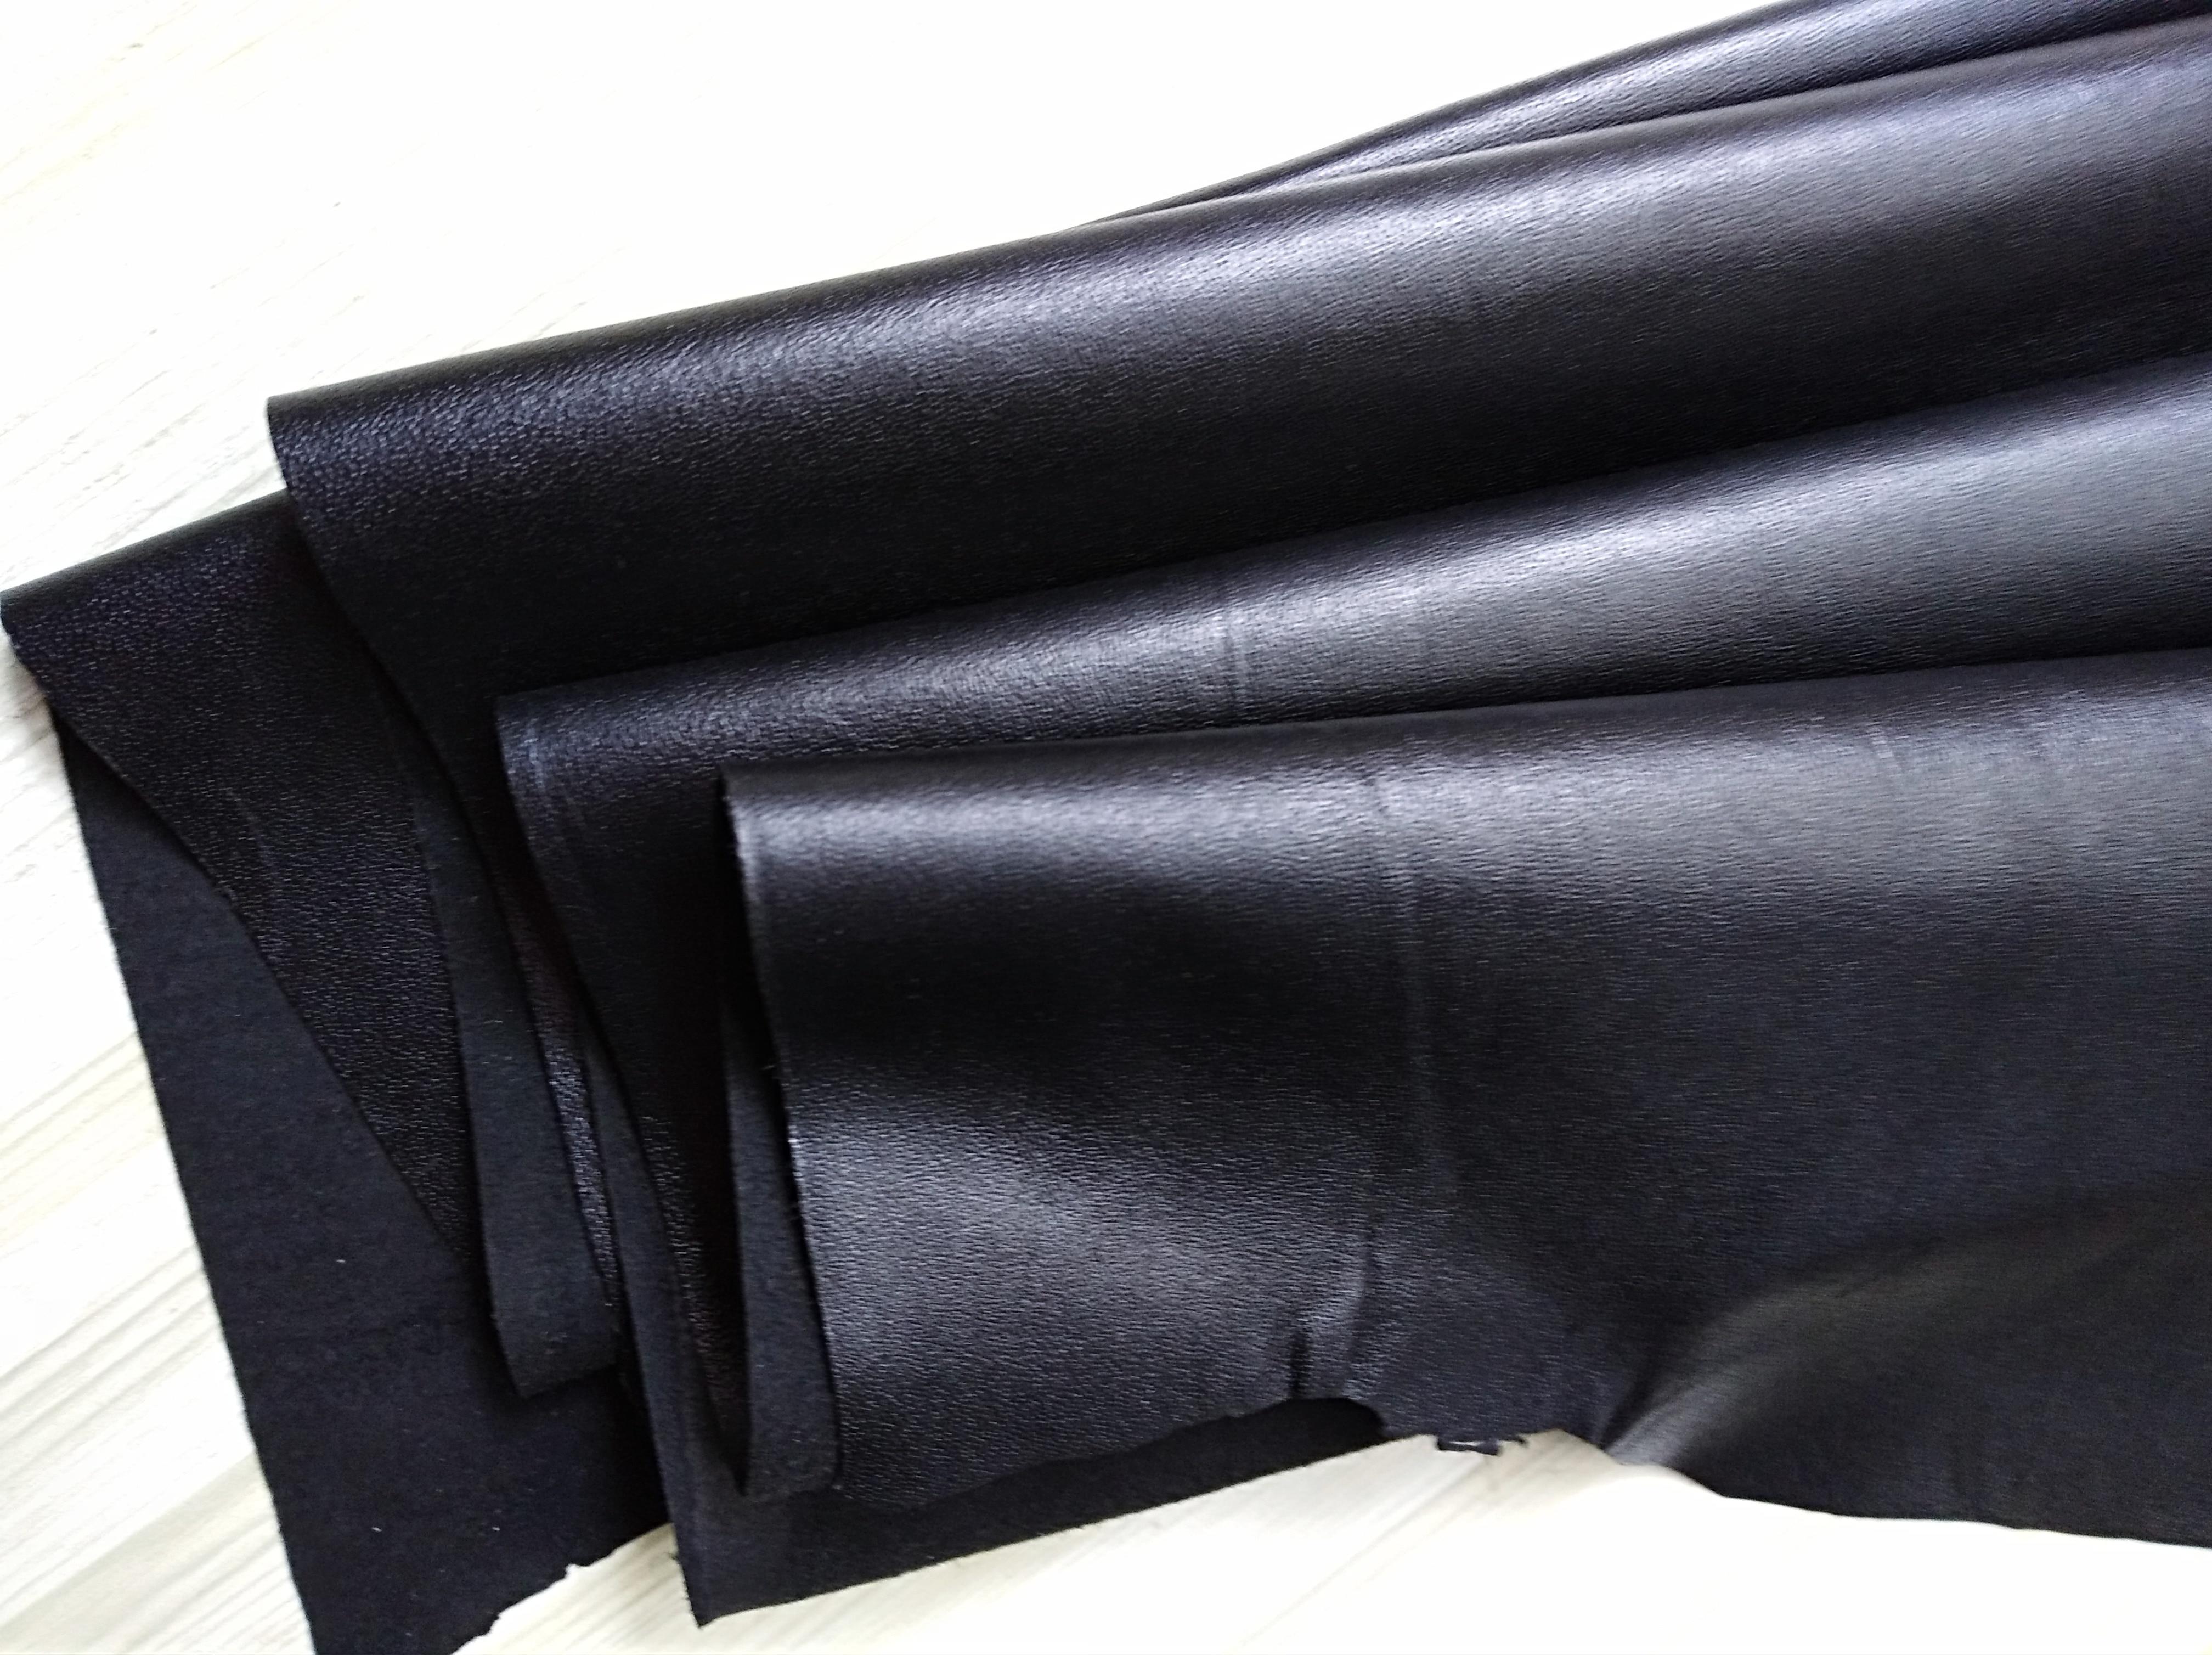 Простой черный узор ручной работы из овечьей кожи ткань 1,1-1,5 мм мягкая одежда швейная домашняя повседневная одежда материал сумки